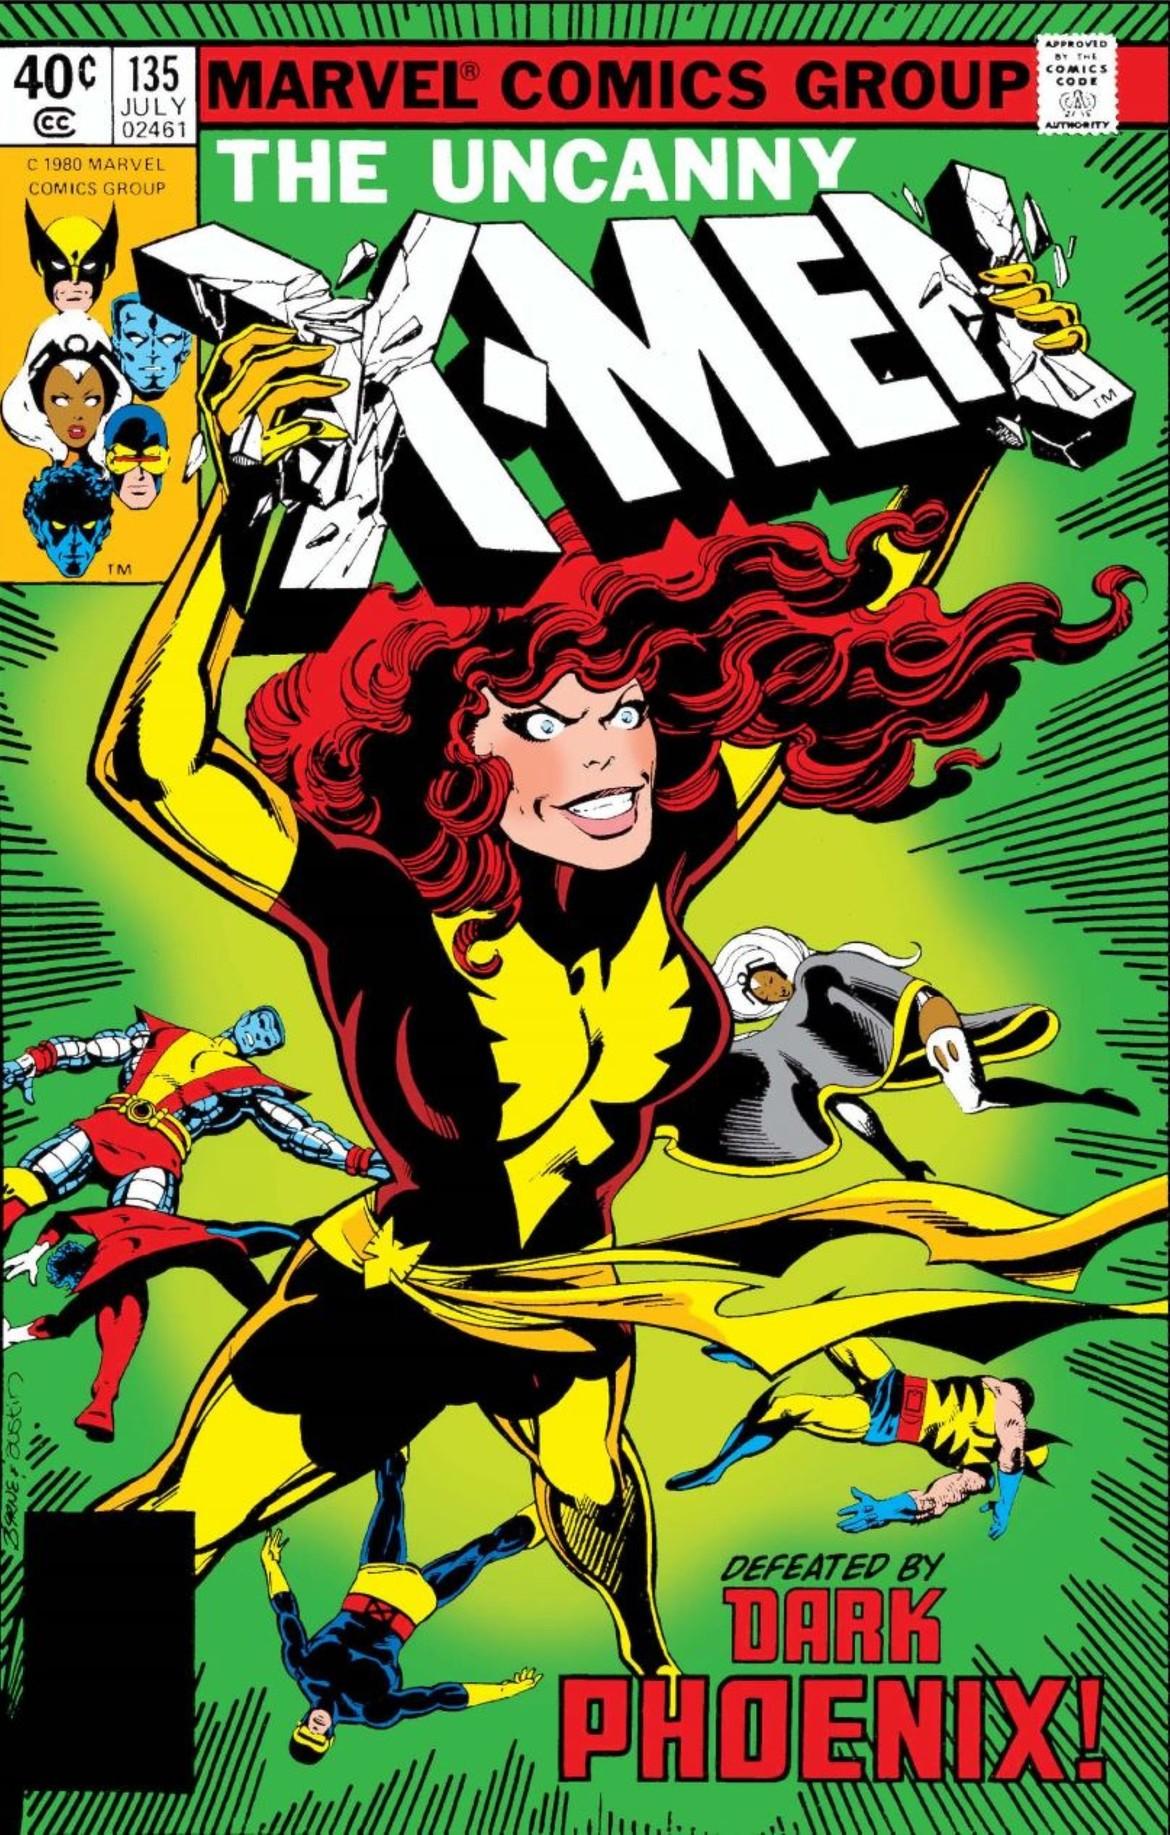 Uncanny X-Men 135 (Custom).JPG